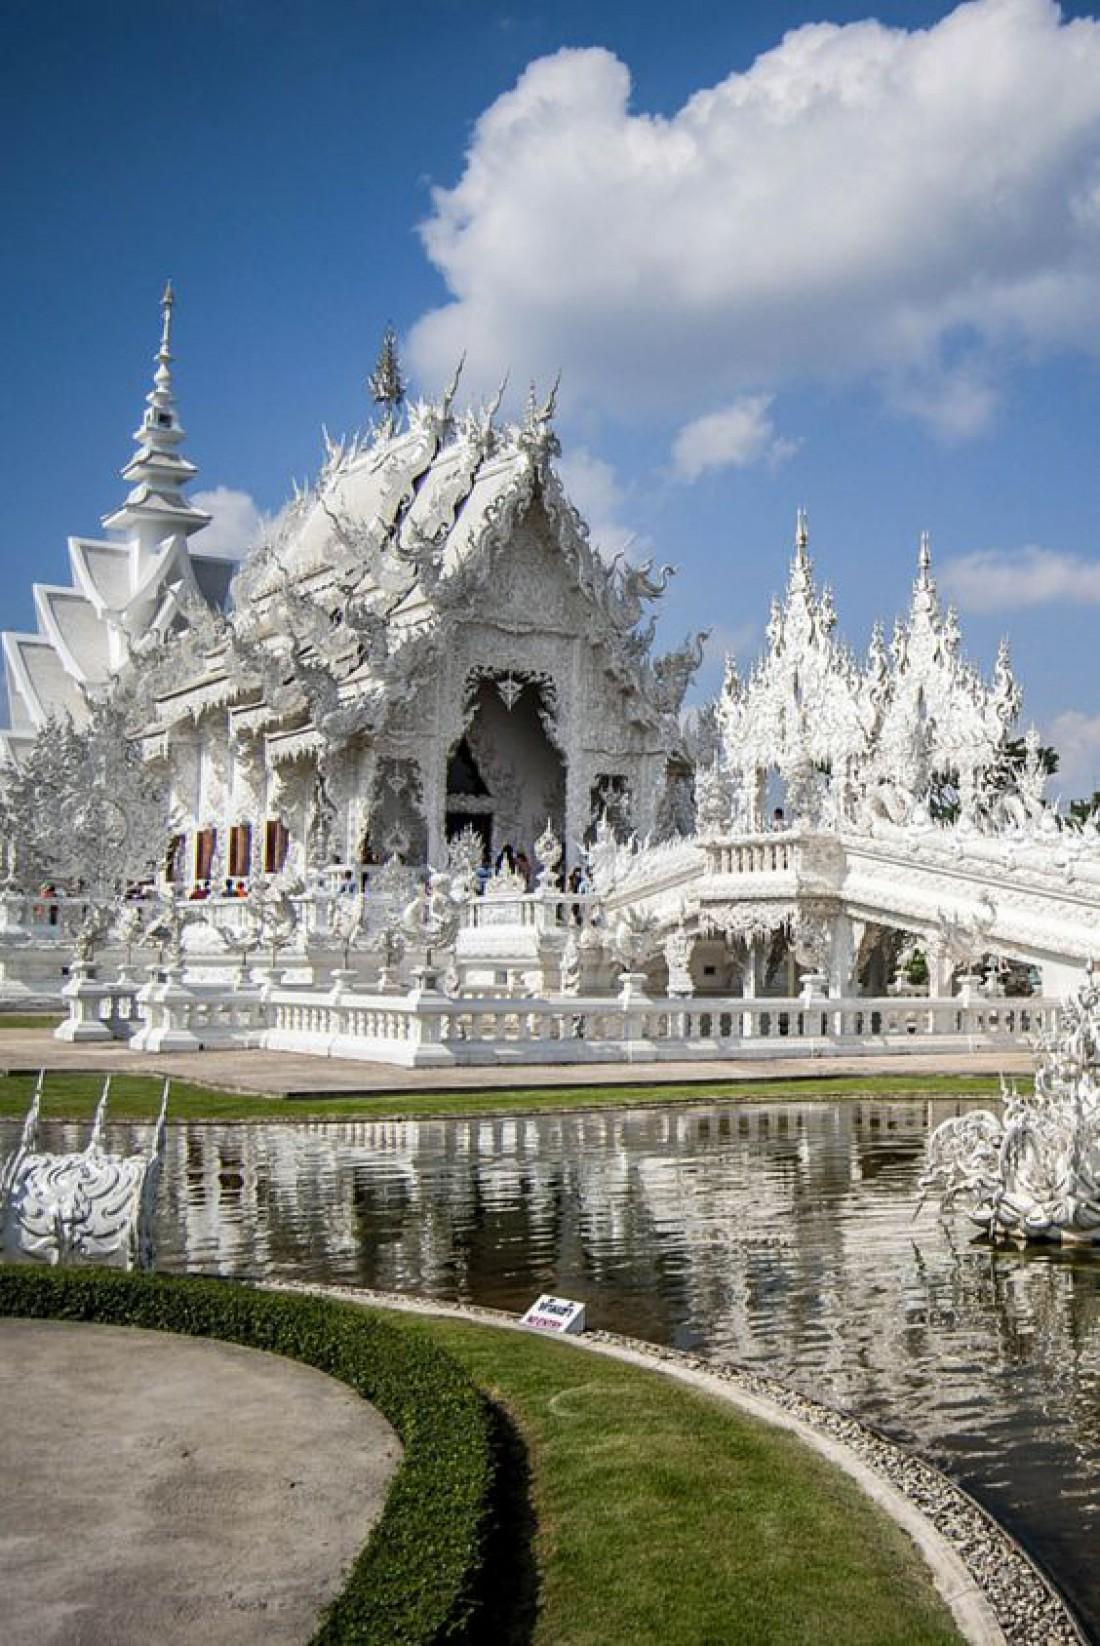 Незабываемый отдых в Таиланде: 5 главных достопримечательностей